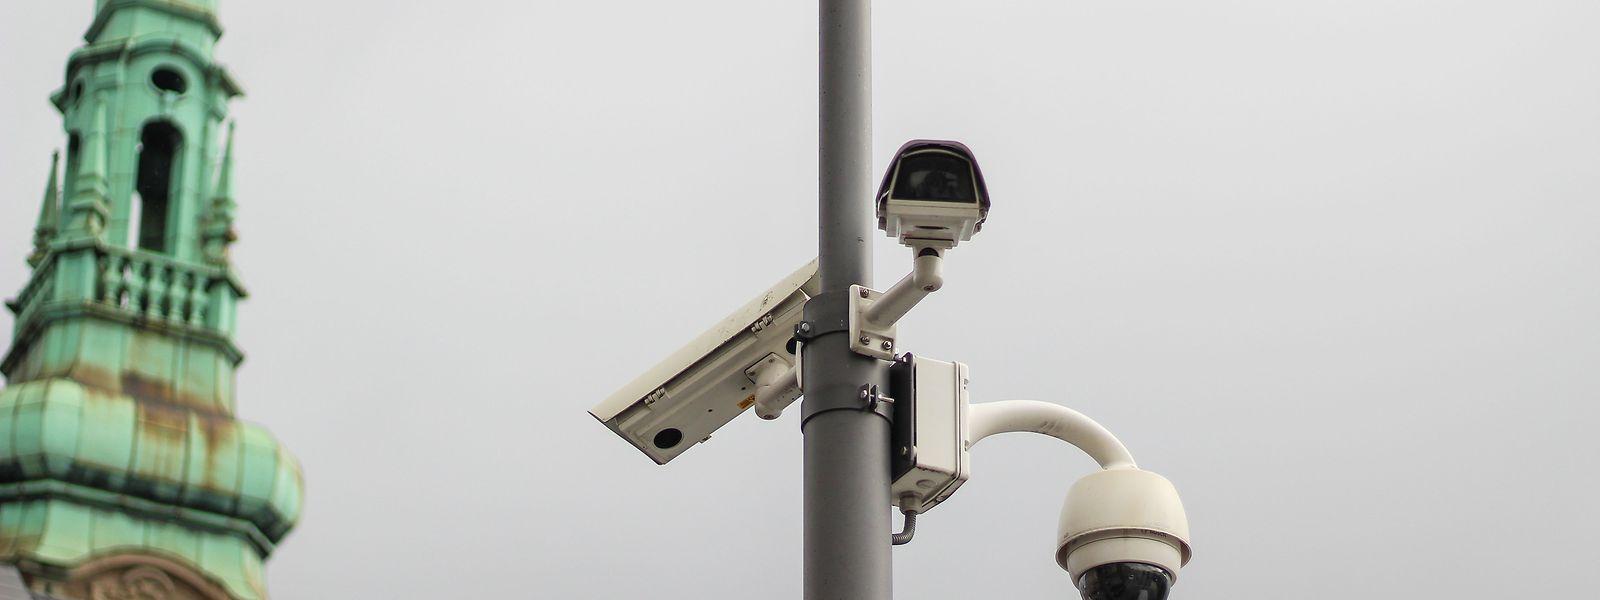 Kritiker der verschärften Anti-Terror-Gesetzgebung beklagen, dass die Grund- und Freiheitsrechte der Bürger eingeschränkt und die staatlichen Überwachungsbefugnisse ausgebaut werden.